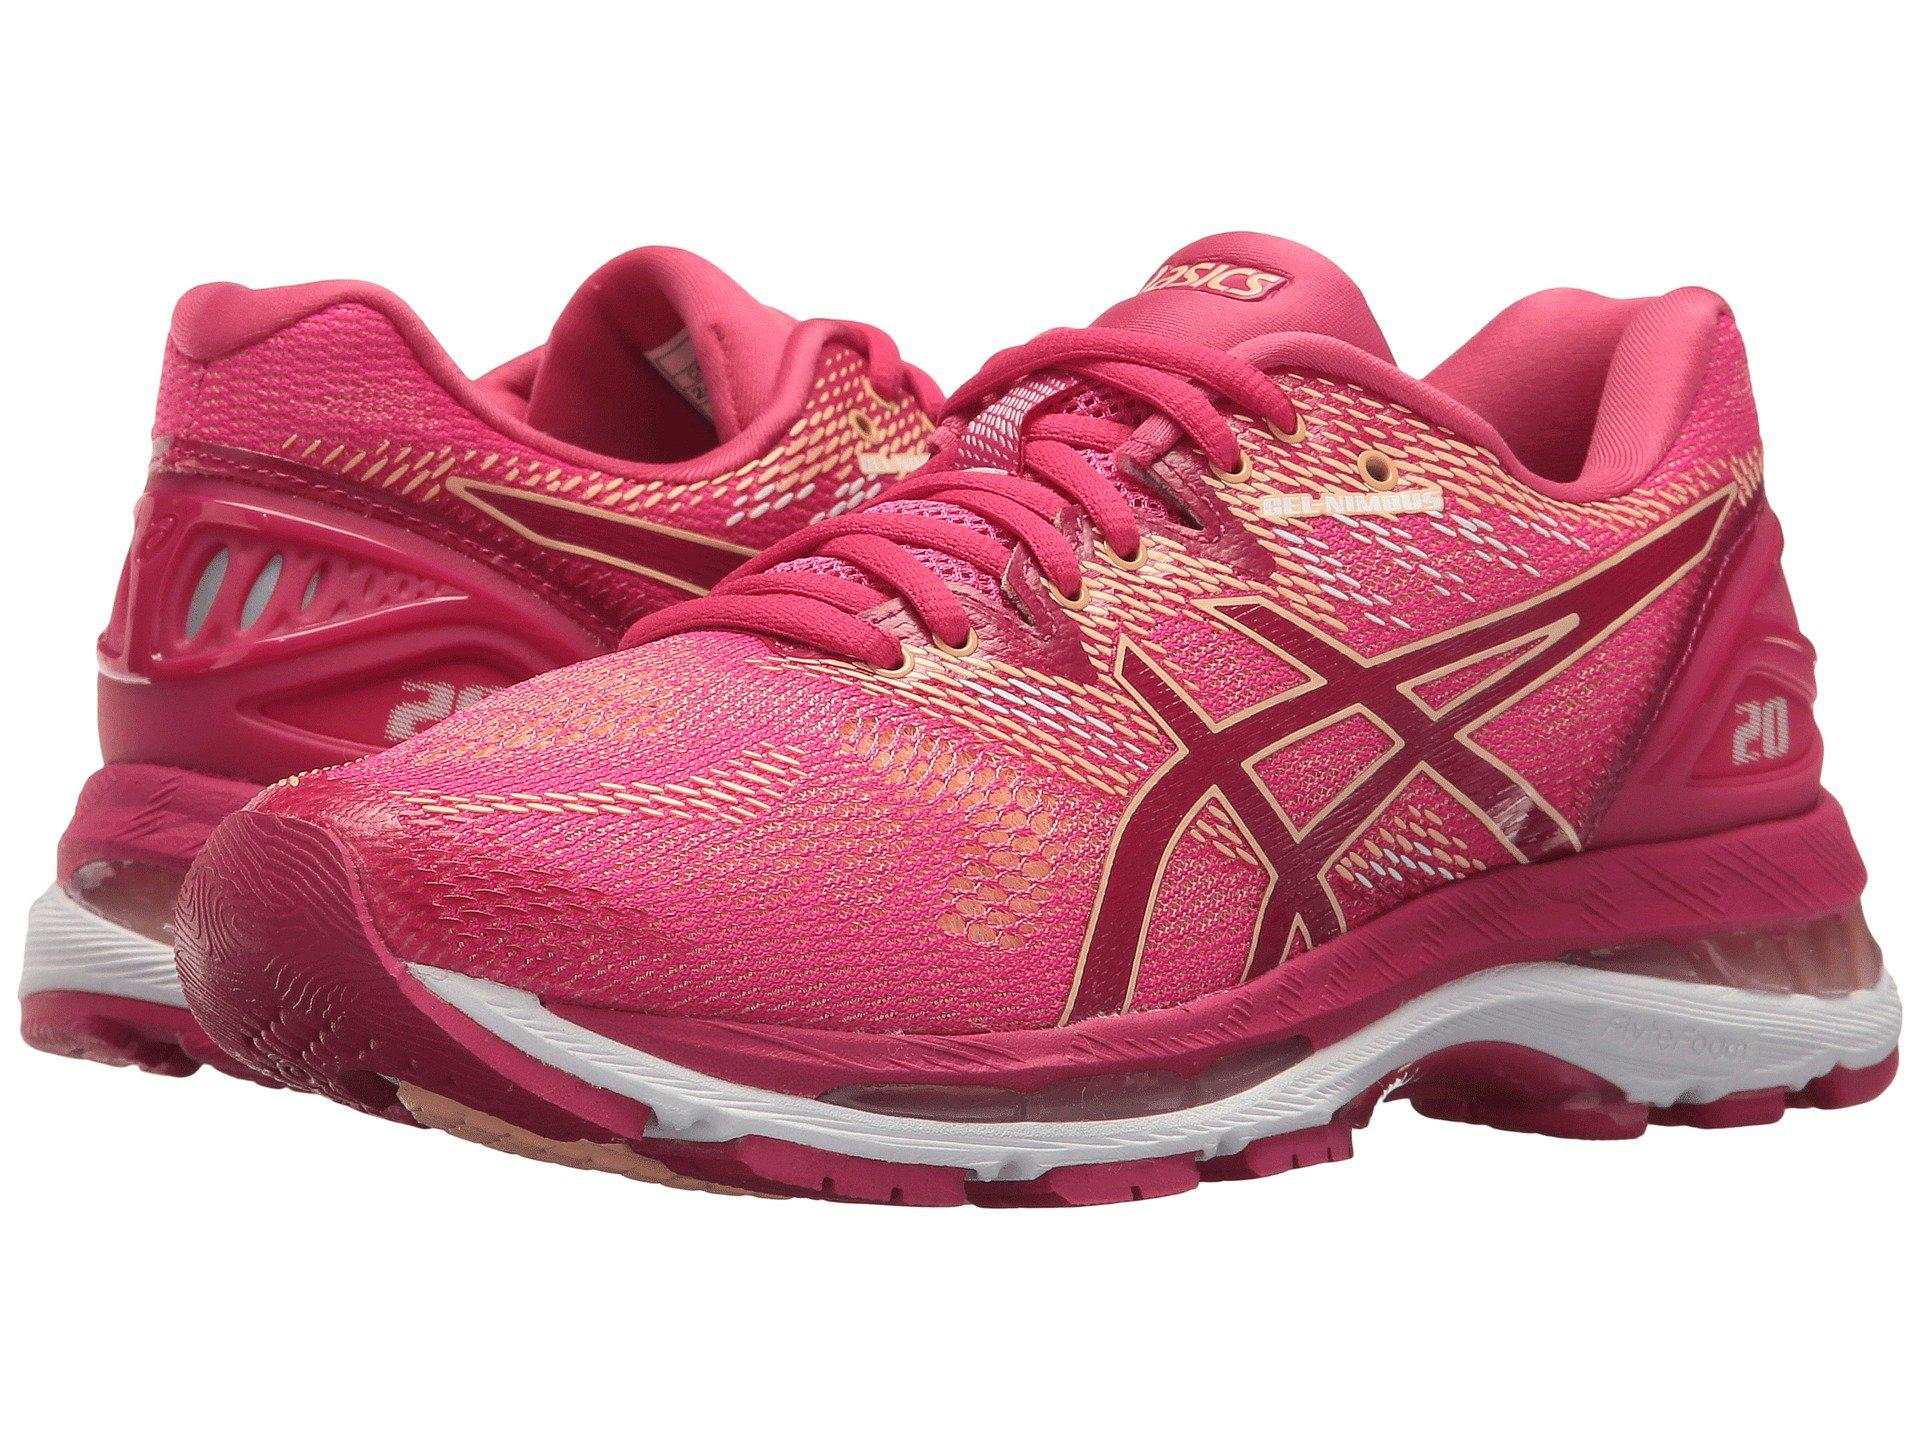 b33c17efff8 Women's Pink Gel-nimbus 20